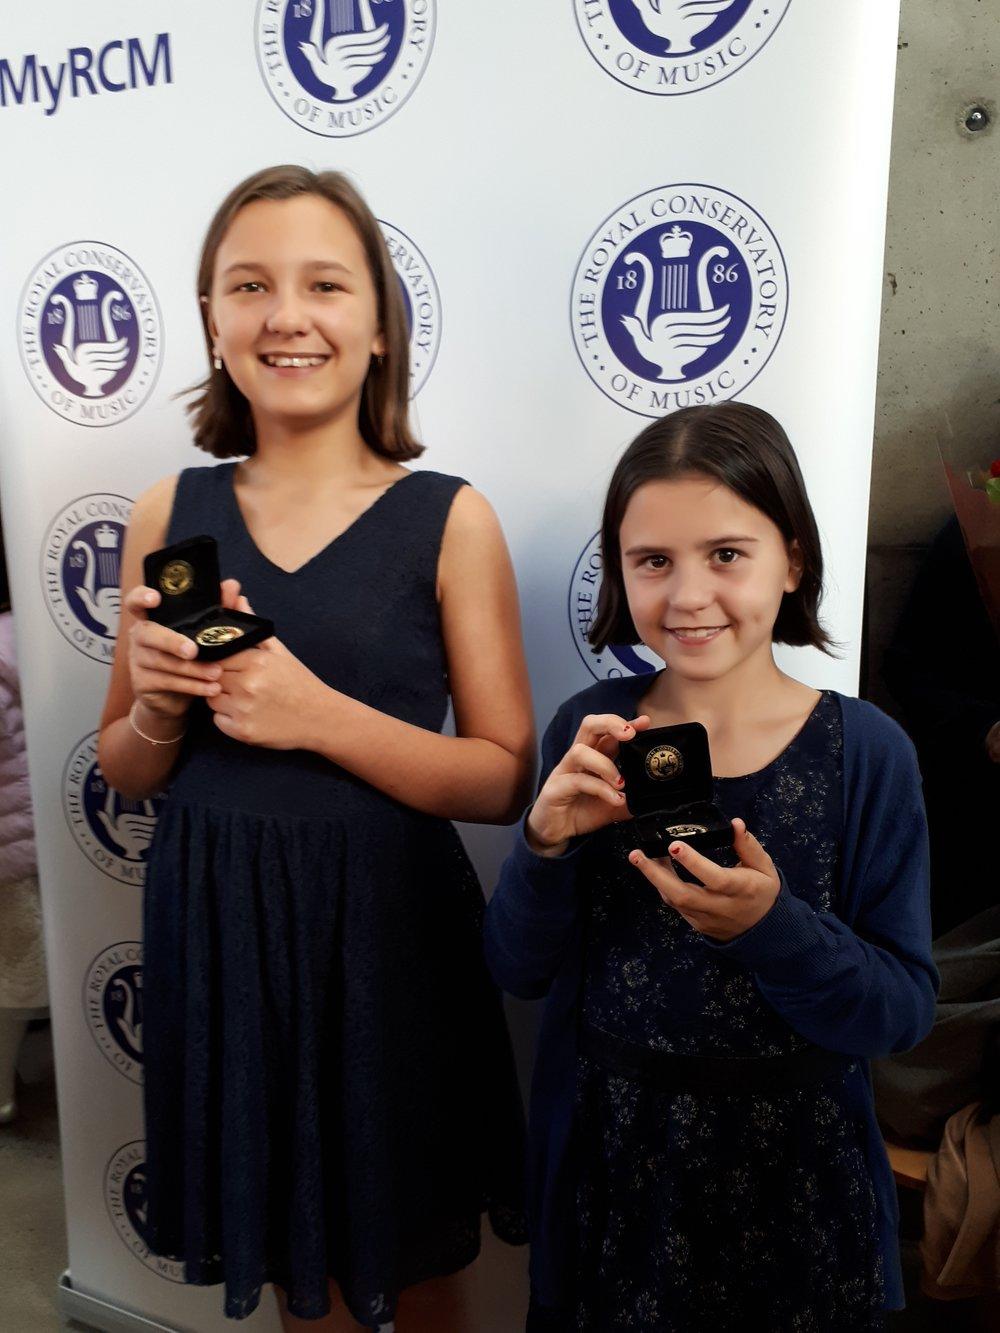 Hazel Szekely - RCM Grade 7 and her sister Olive Szekely RCM Grade 1